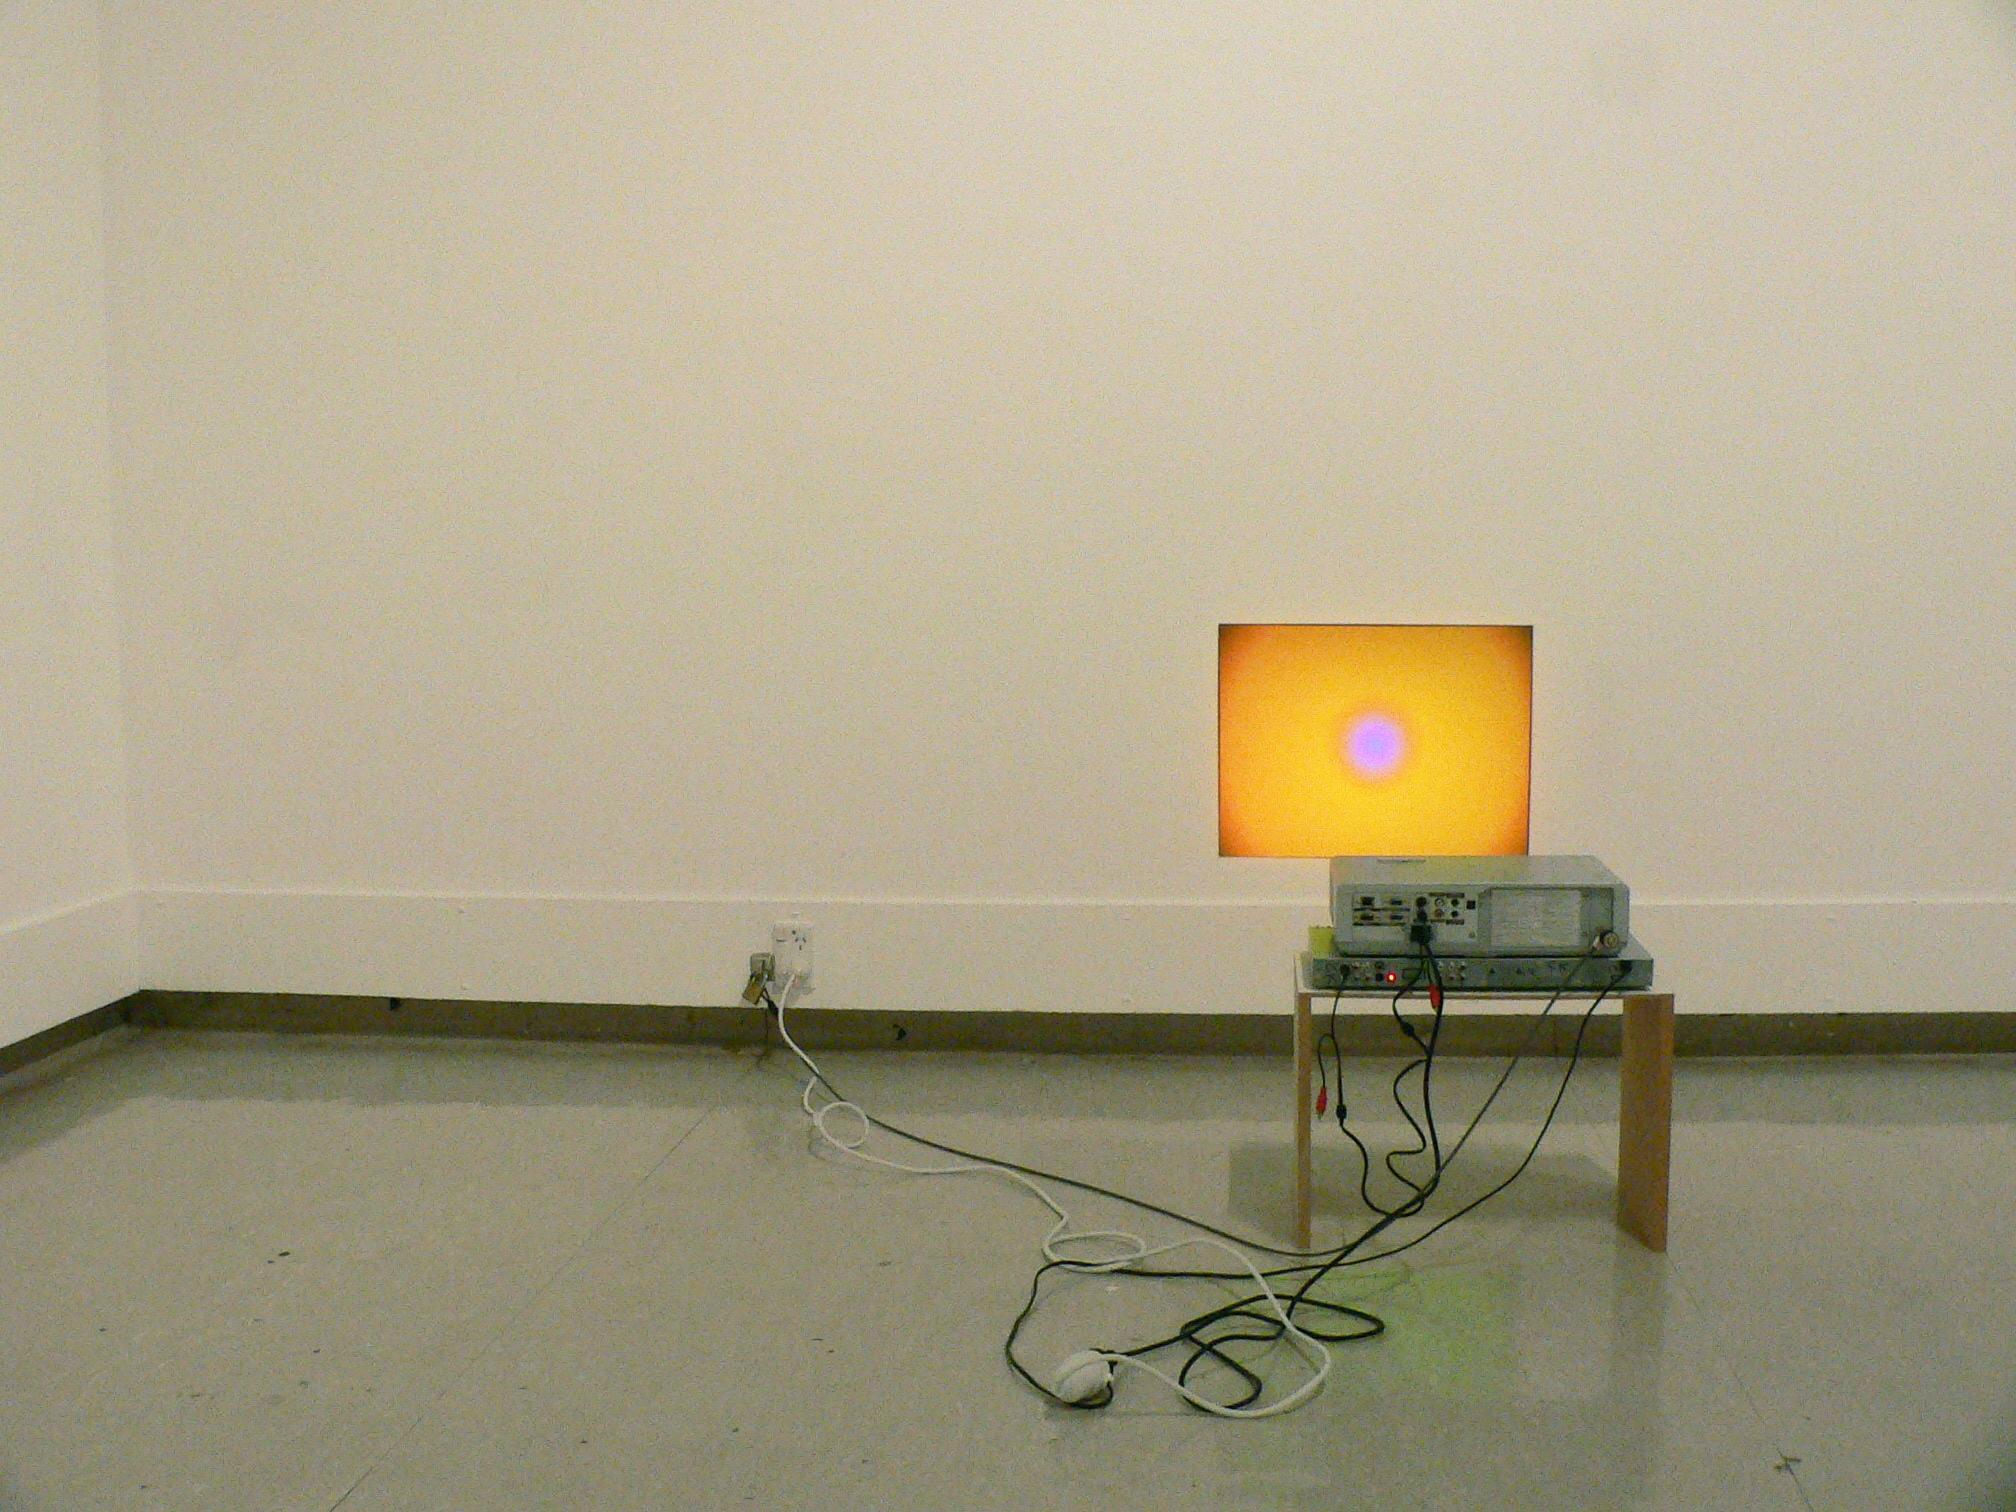 Event Horizon, 2013